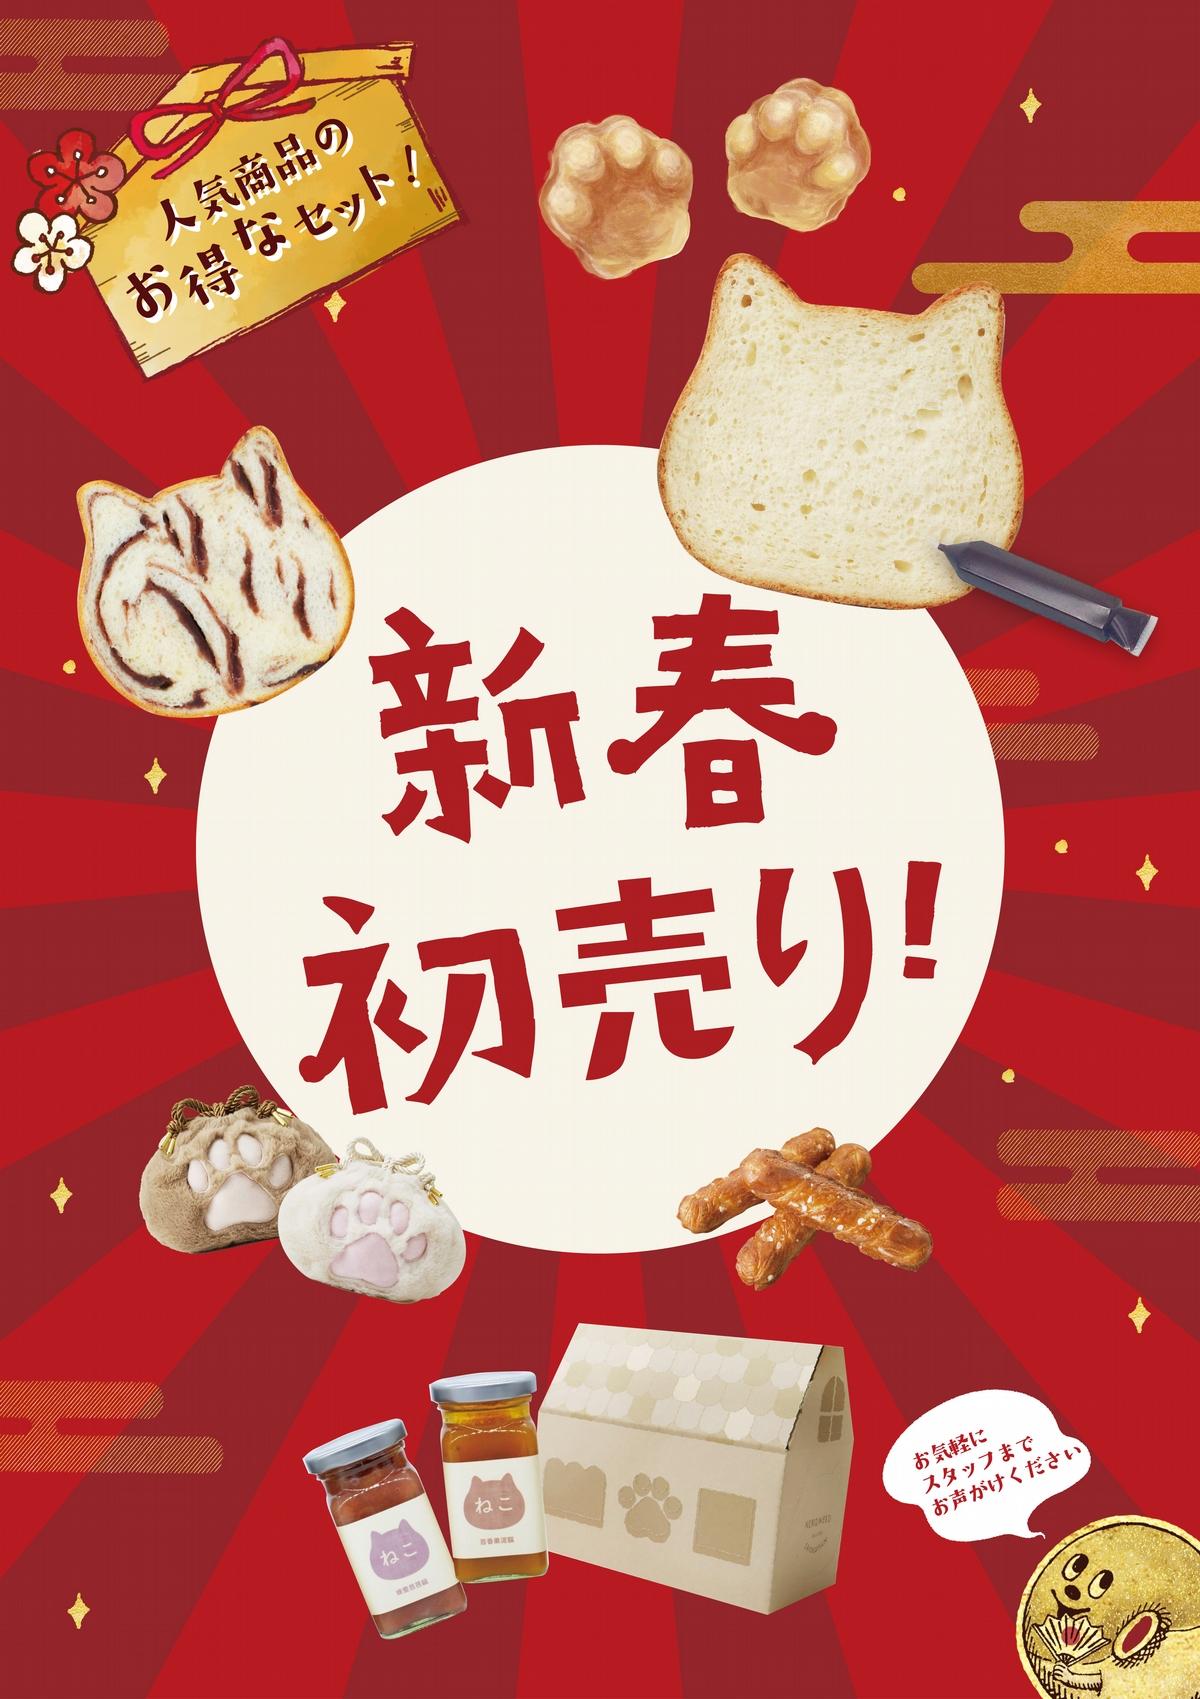 日本人氣「貓咪吐司」統一時代快閃日期出爐!冬季限定「紅豆貓咪吐司」、限量Q萌福袋快搶購